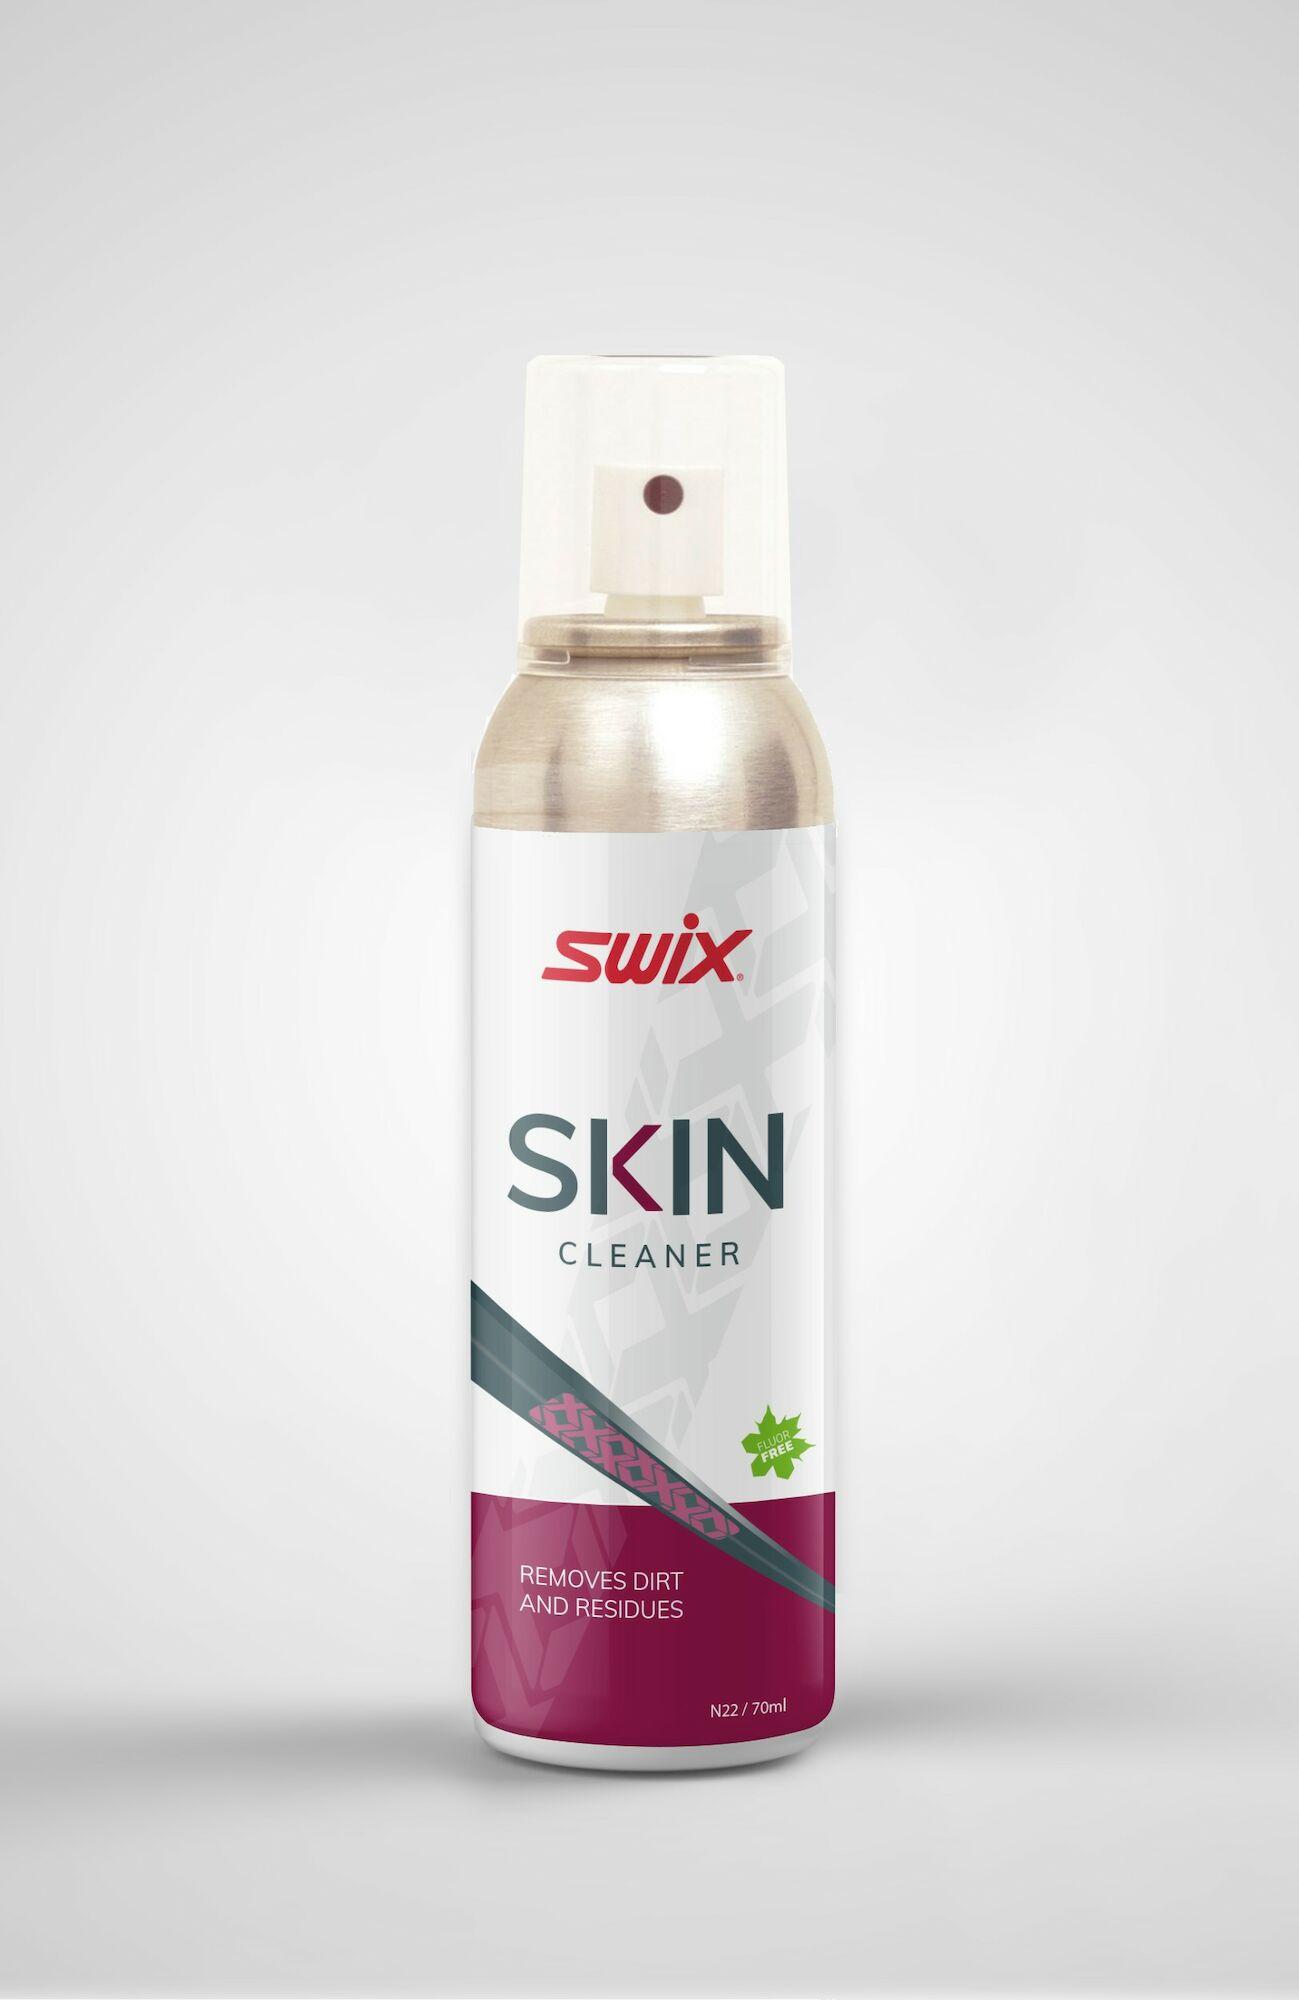 SWIX Skin Cleaner